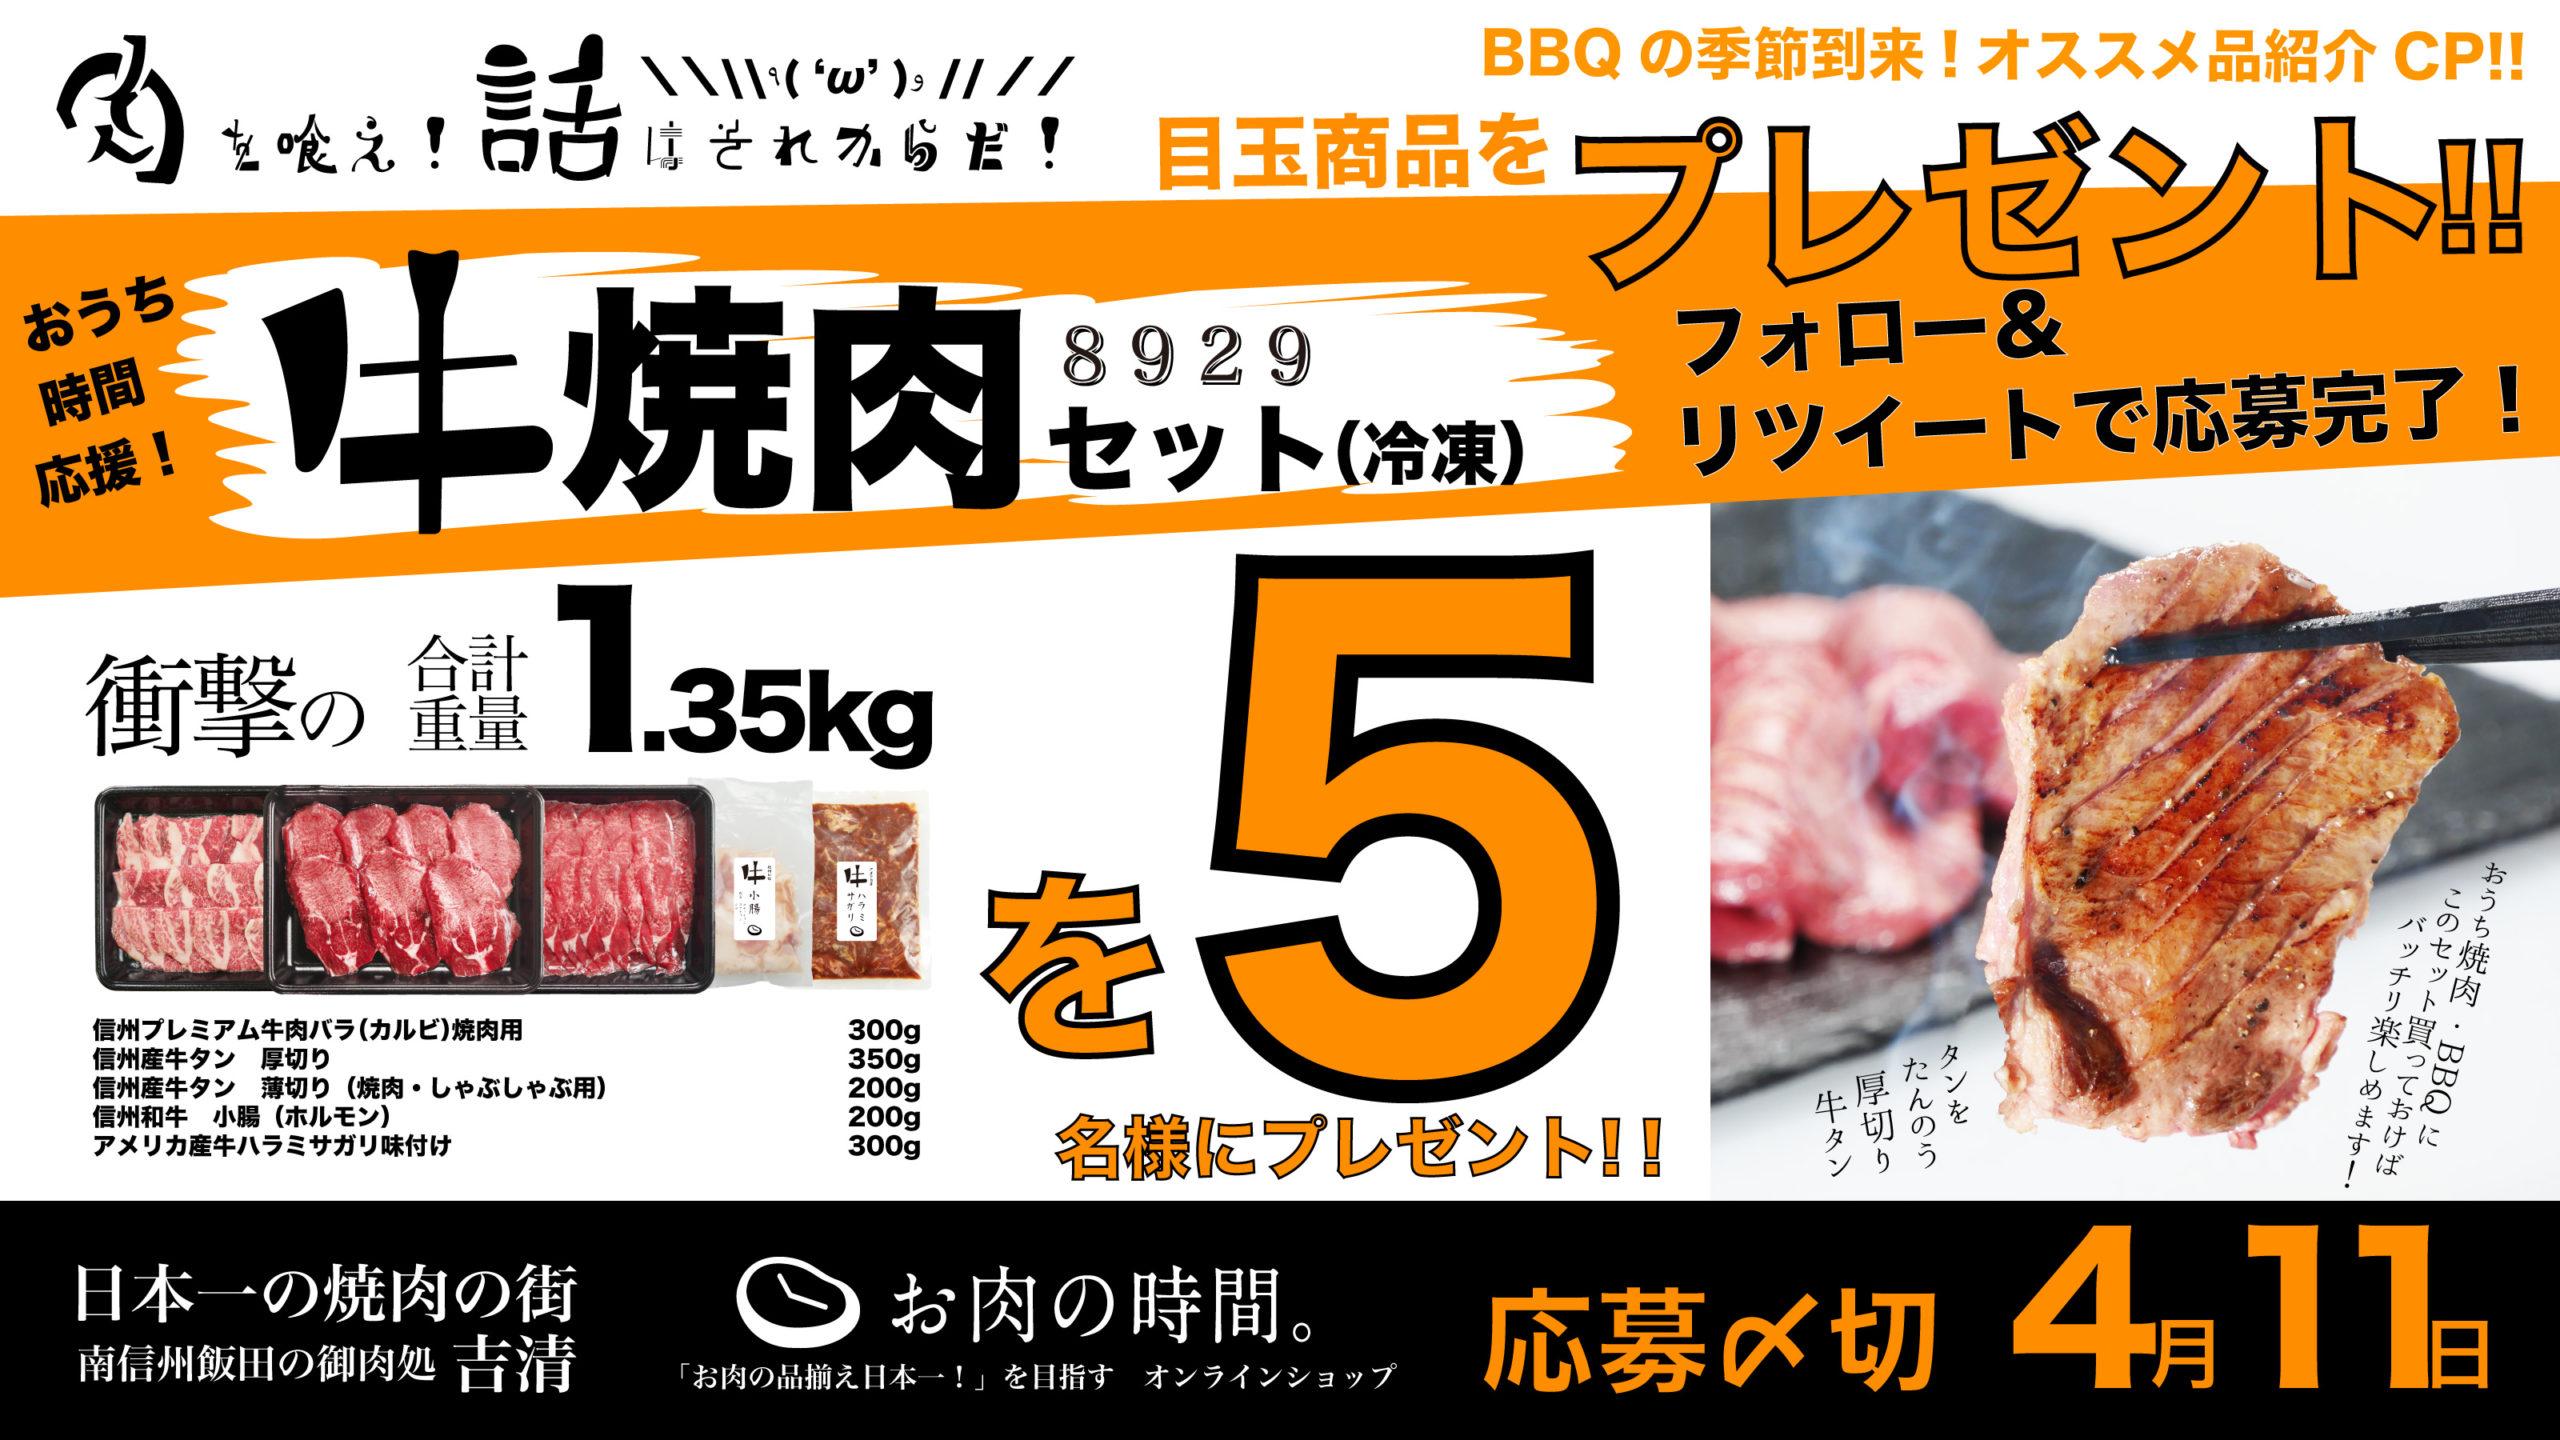 4/9正午より!BBQの季節到来!オススメ品紹介CP!